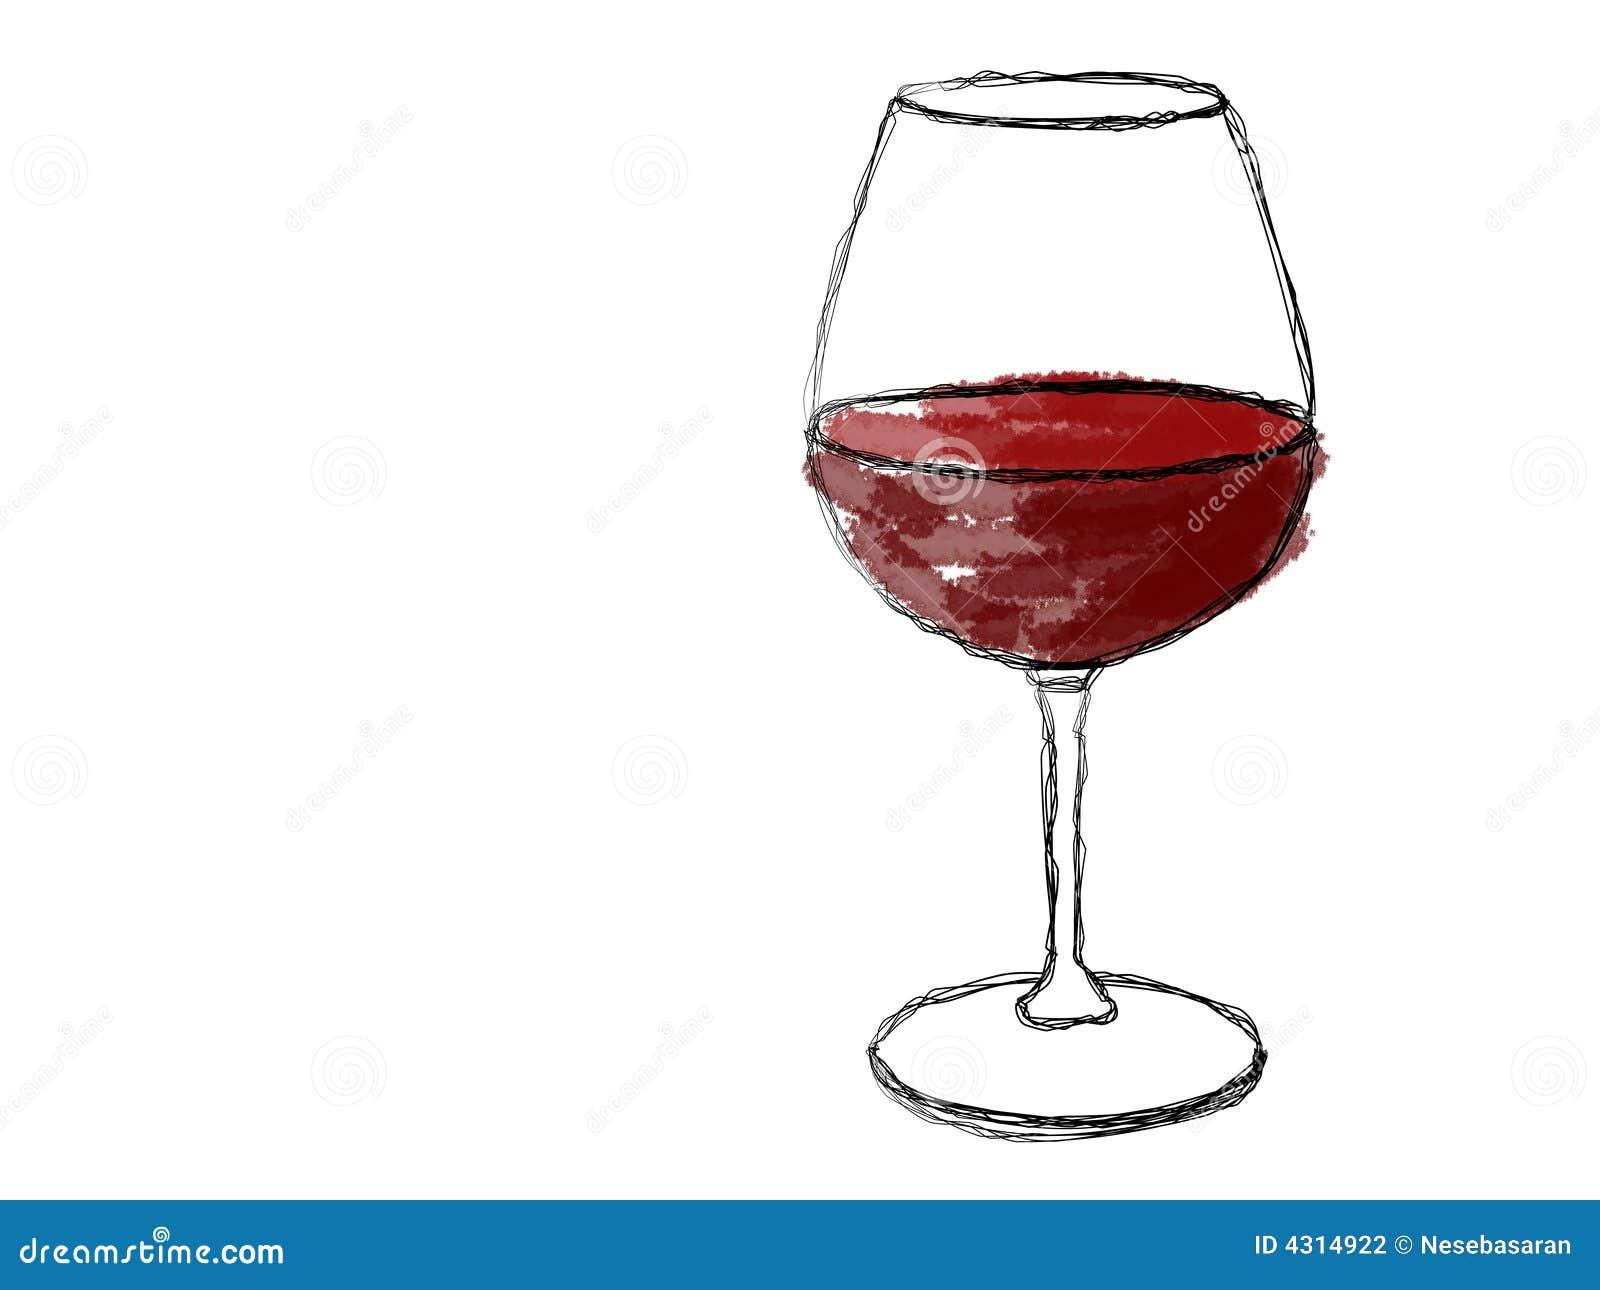 ein glas wein stock abbildung illustration von trinken. Black Bedroom Furniture Sets. Home Design Ideas